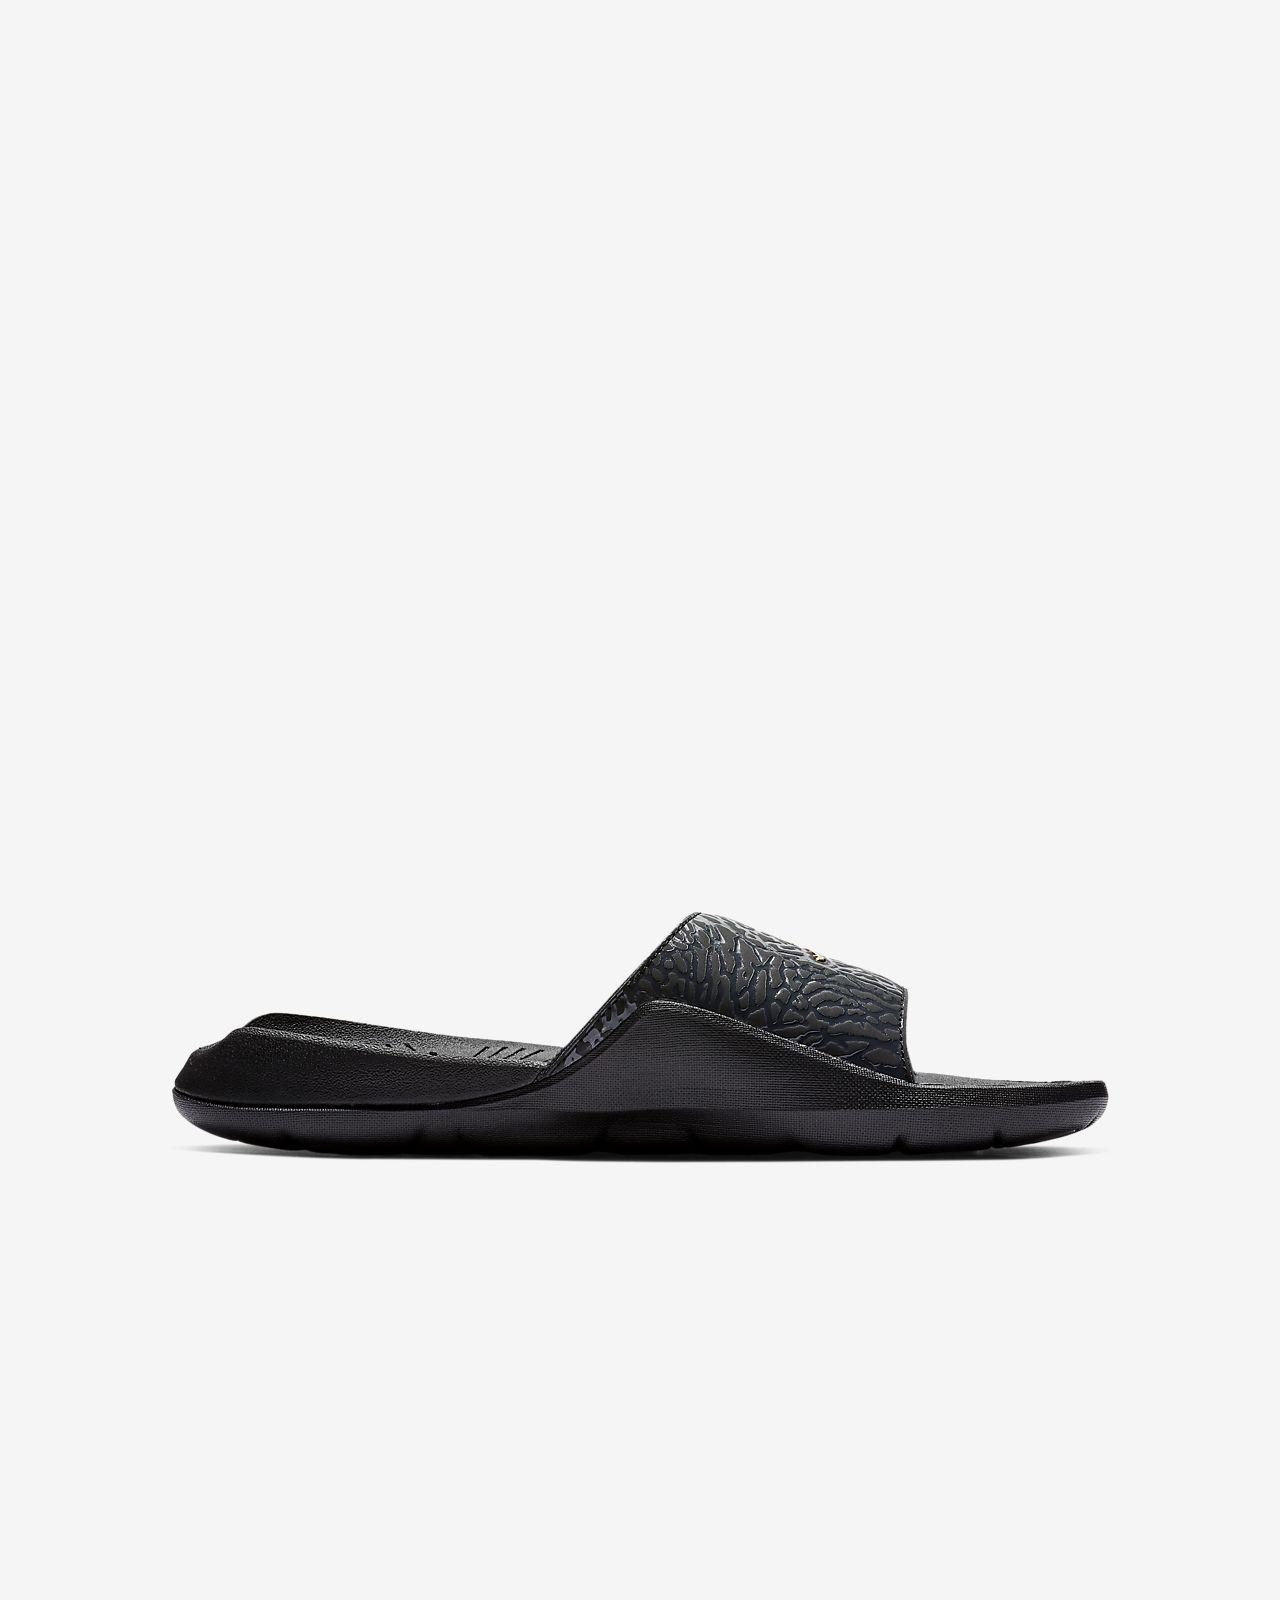 0eb240e84625 Jordan Hydro 7 V2 Slide. Nike.com